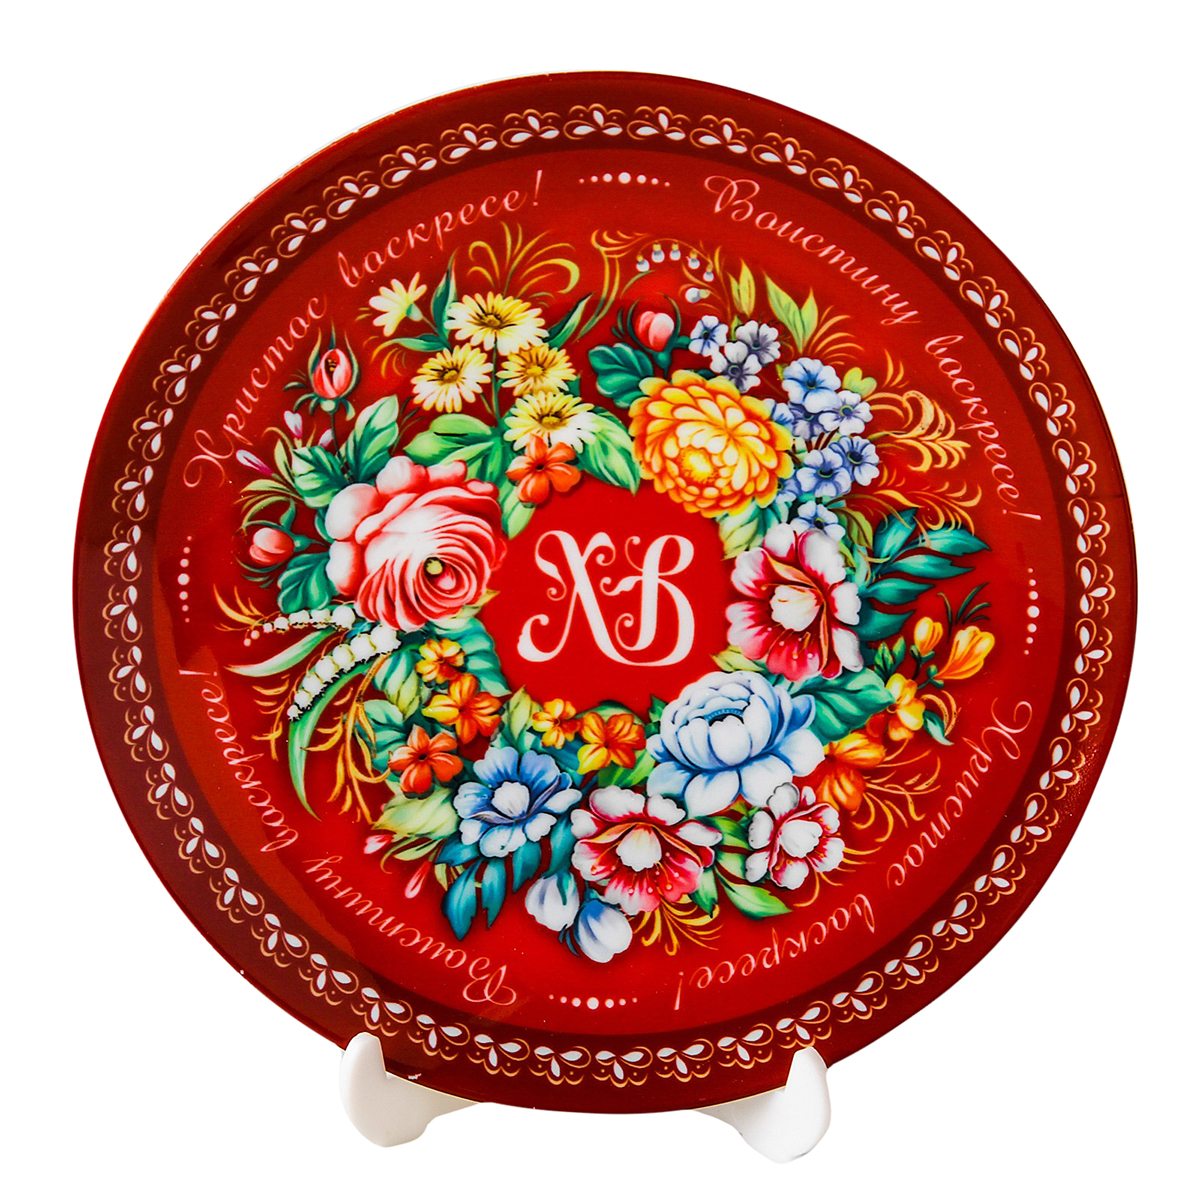 Тарелка Жостово, цвет: красный, диаметр 20 см. 28753632875363Тарелка сувенирная с сублимацией Жостово — сувенир в полном смысле этого слова. И главная его задача — хранить воспоминание о месте, где вы побывали, или о том человеке, который подарил данный предмет. Преподнесите эту вещь своему другу, и она станет достойным украшением его дома.